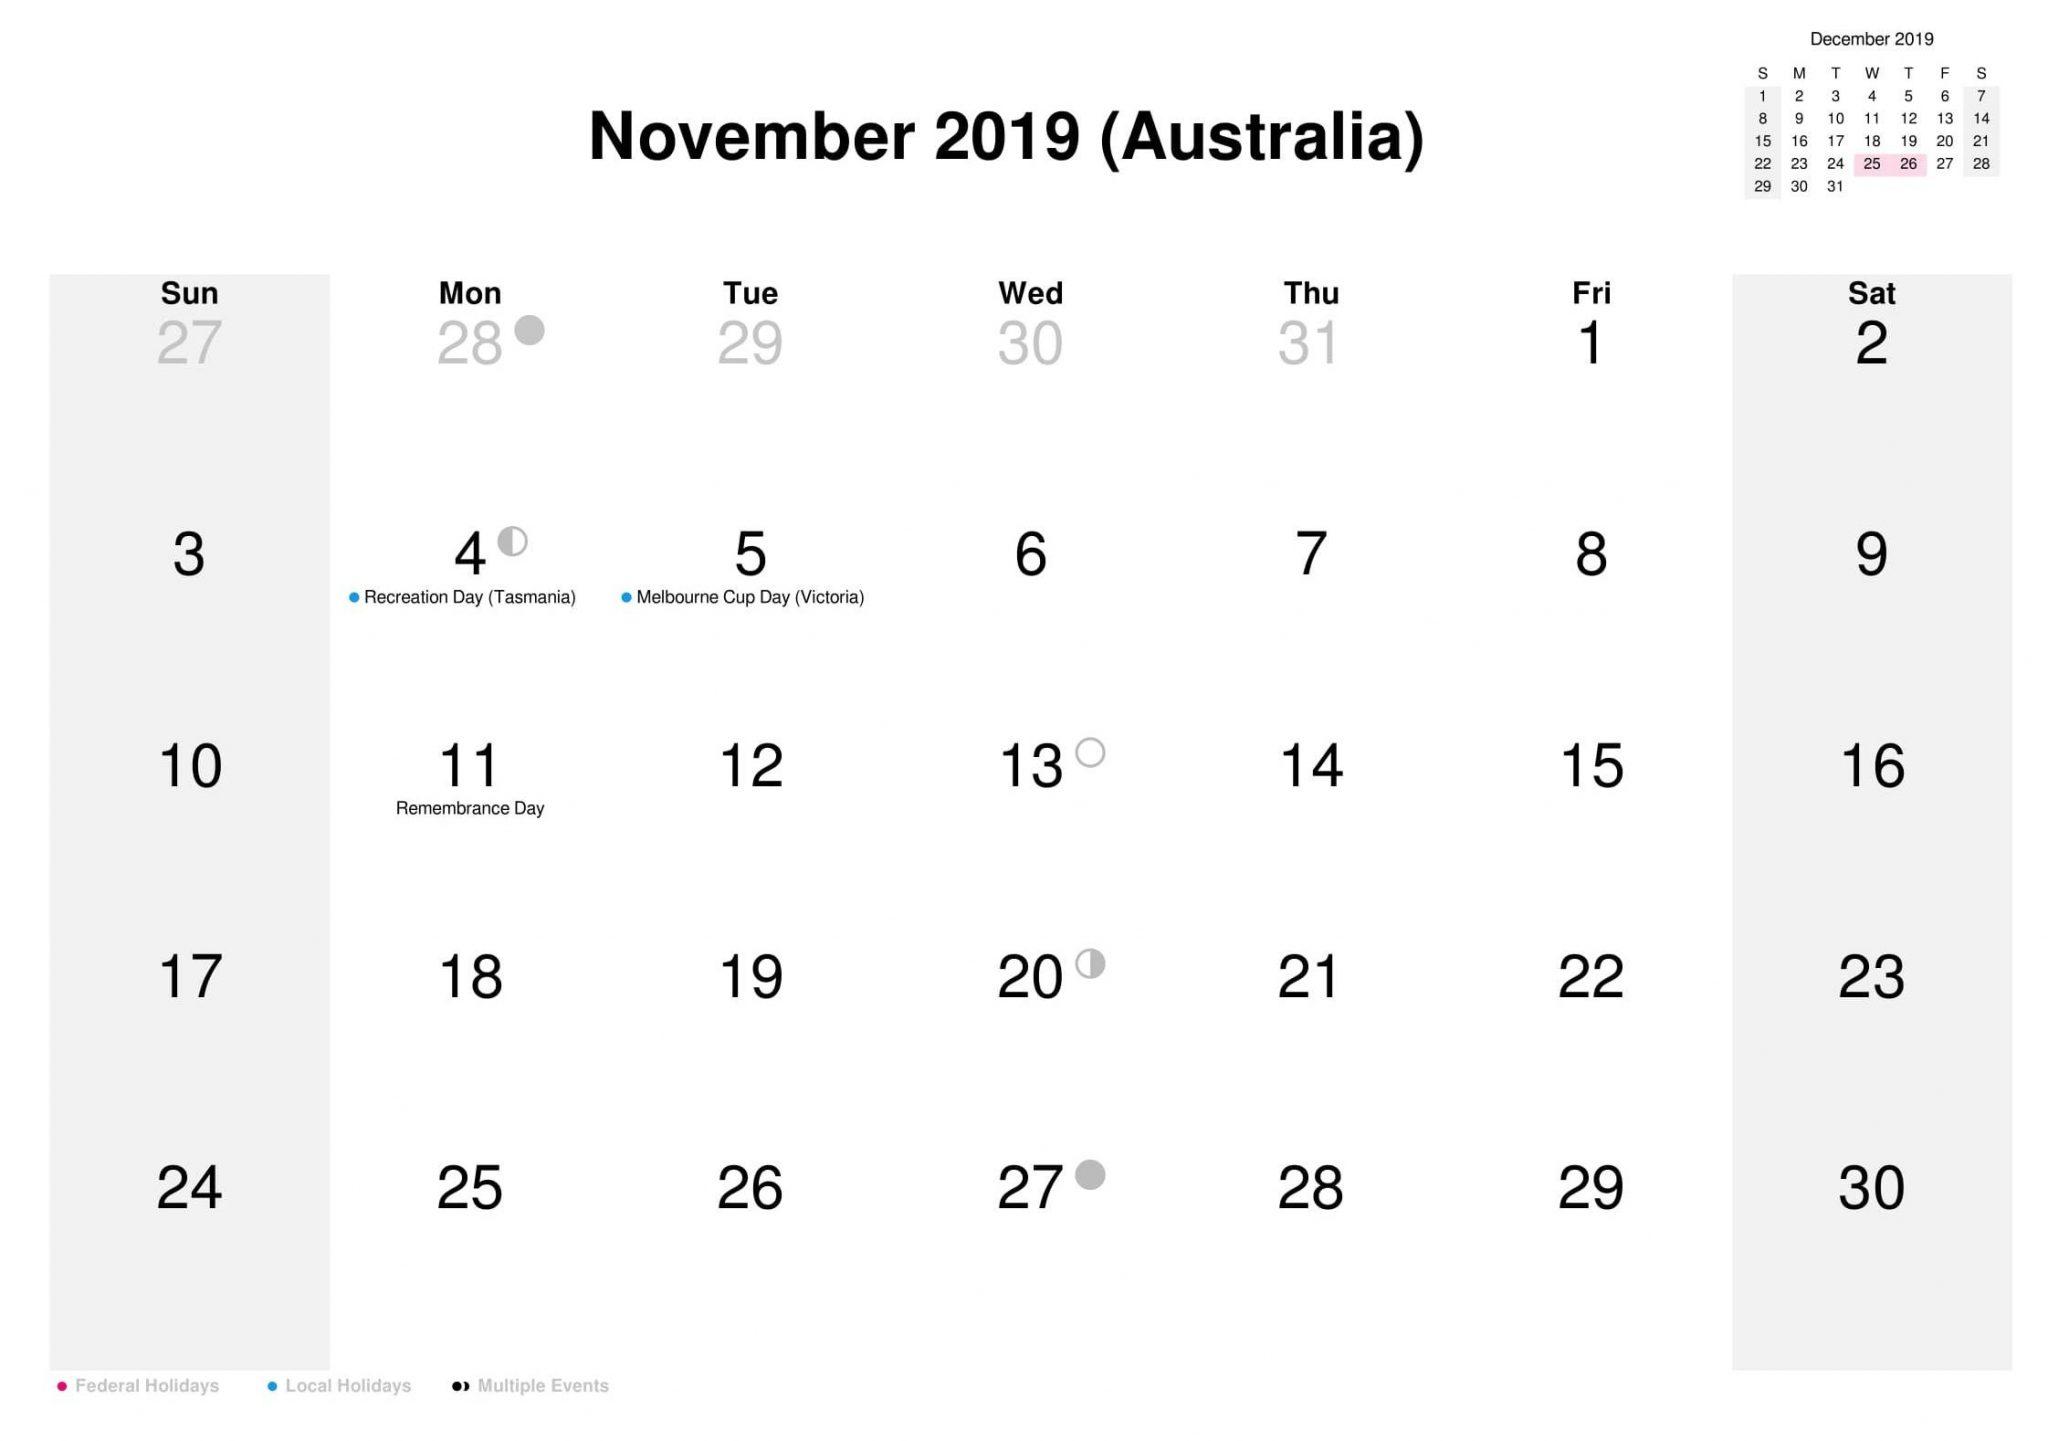 November 2019 Australia Holidays Calendar